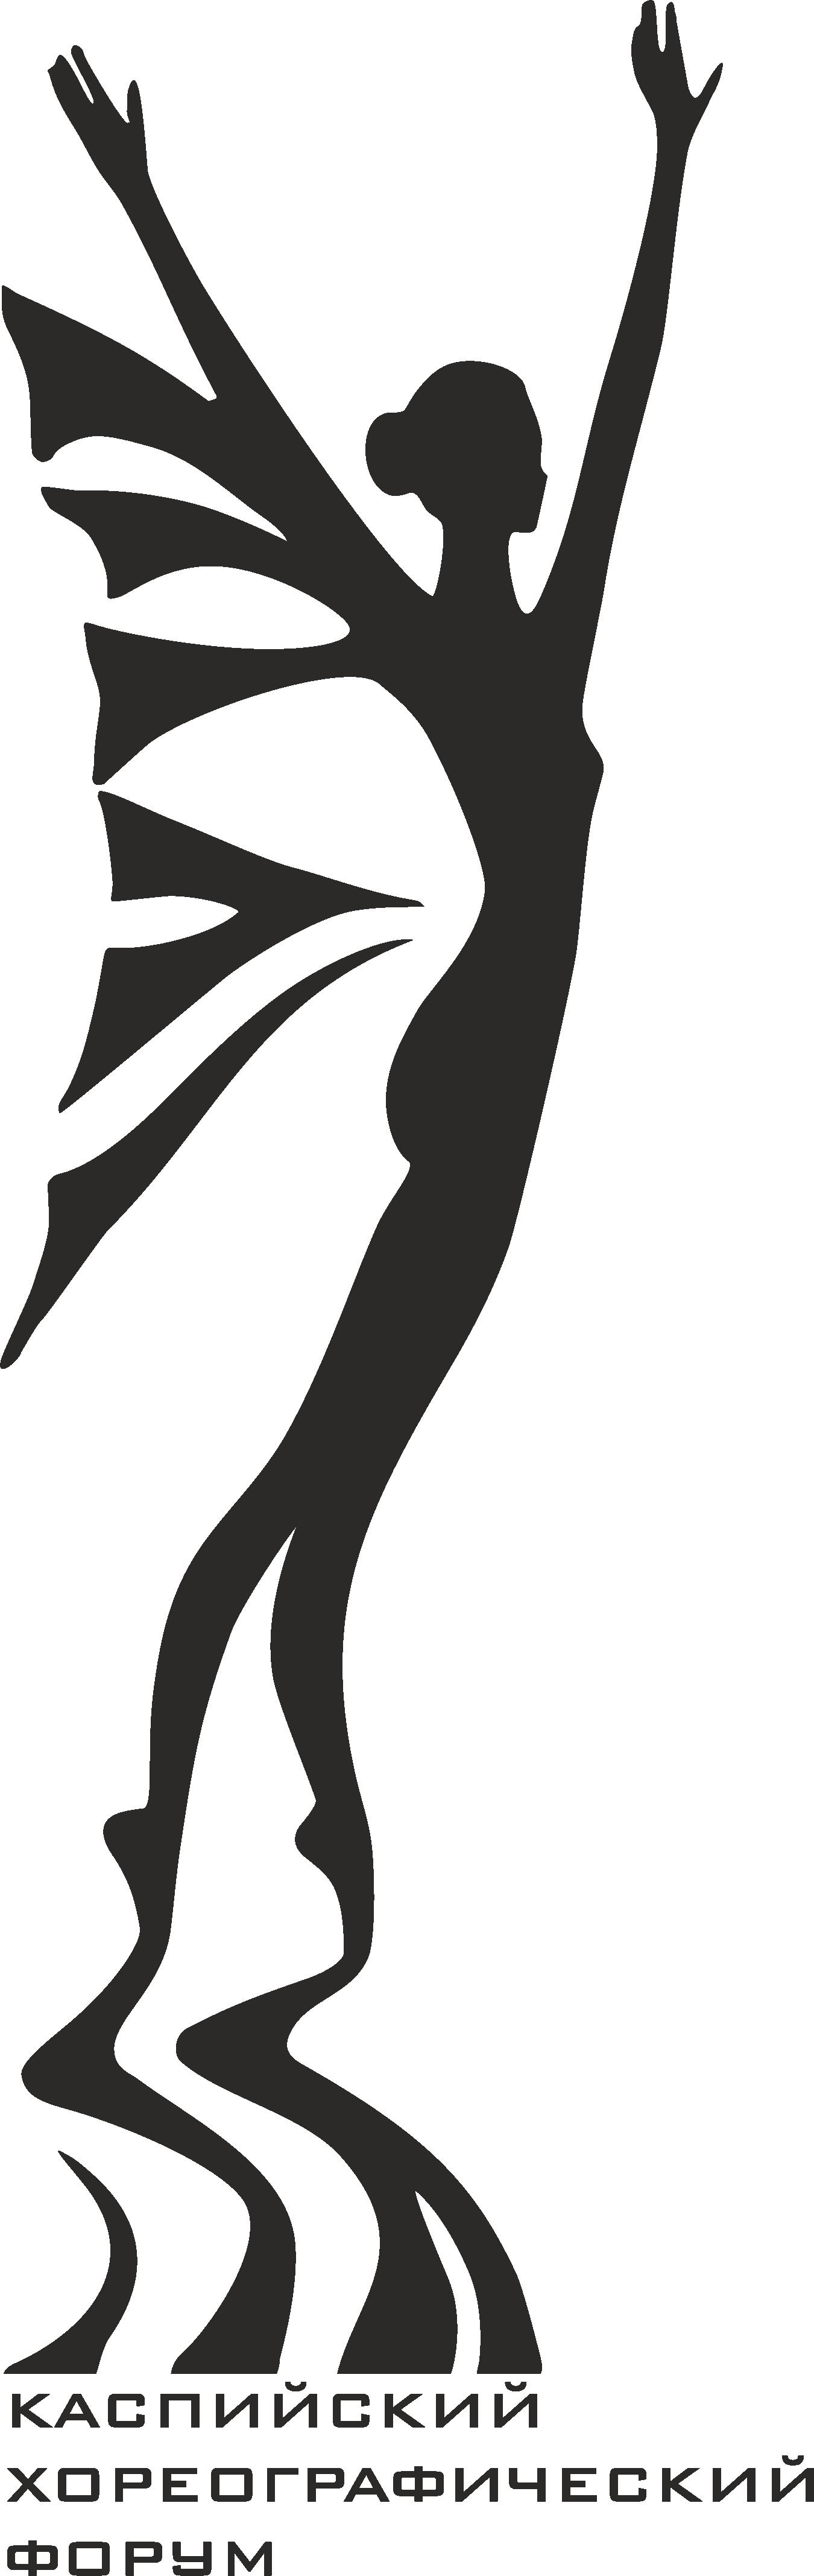 Первый Международный хореографический форум «День балета на Каспии»